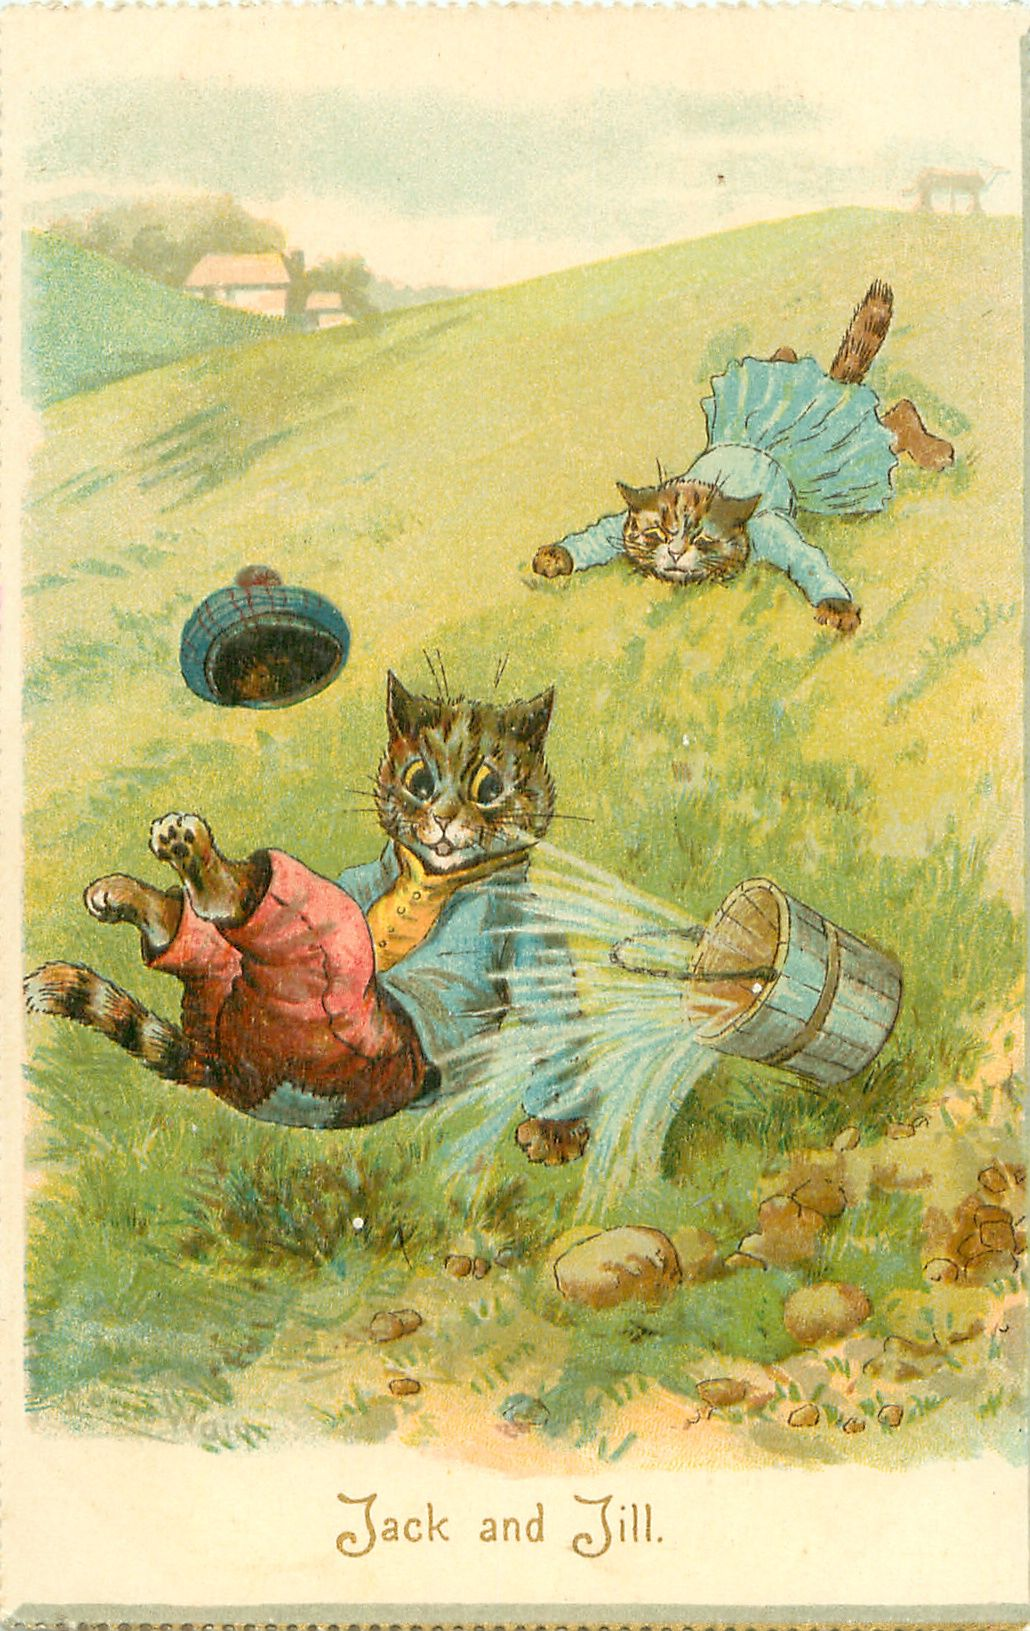 JACK AND JILL, by Louis Wain.Louis Wain est un artiste anglais connu pour ses dessins représentant des animaux anthropomorphes, et en particulier des chats. Le chat c'est lui. Il a créé un style de chat, une société de chats, tout un univers du chat